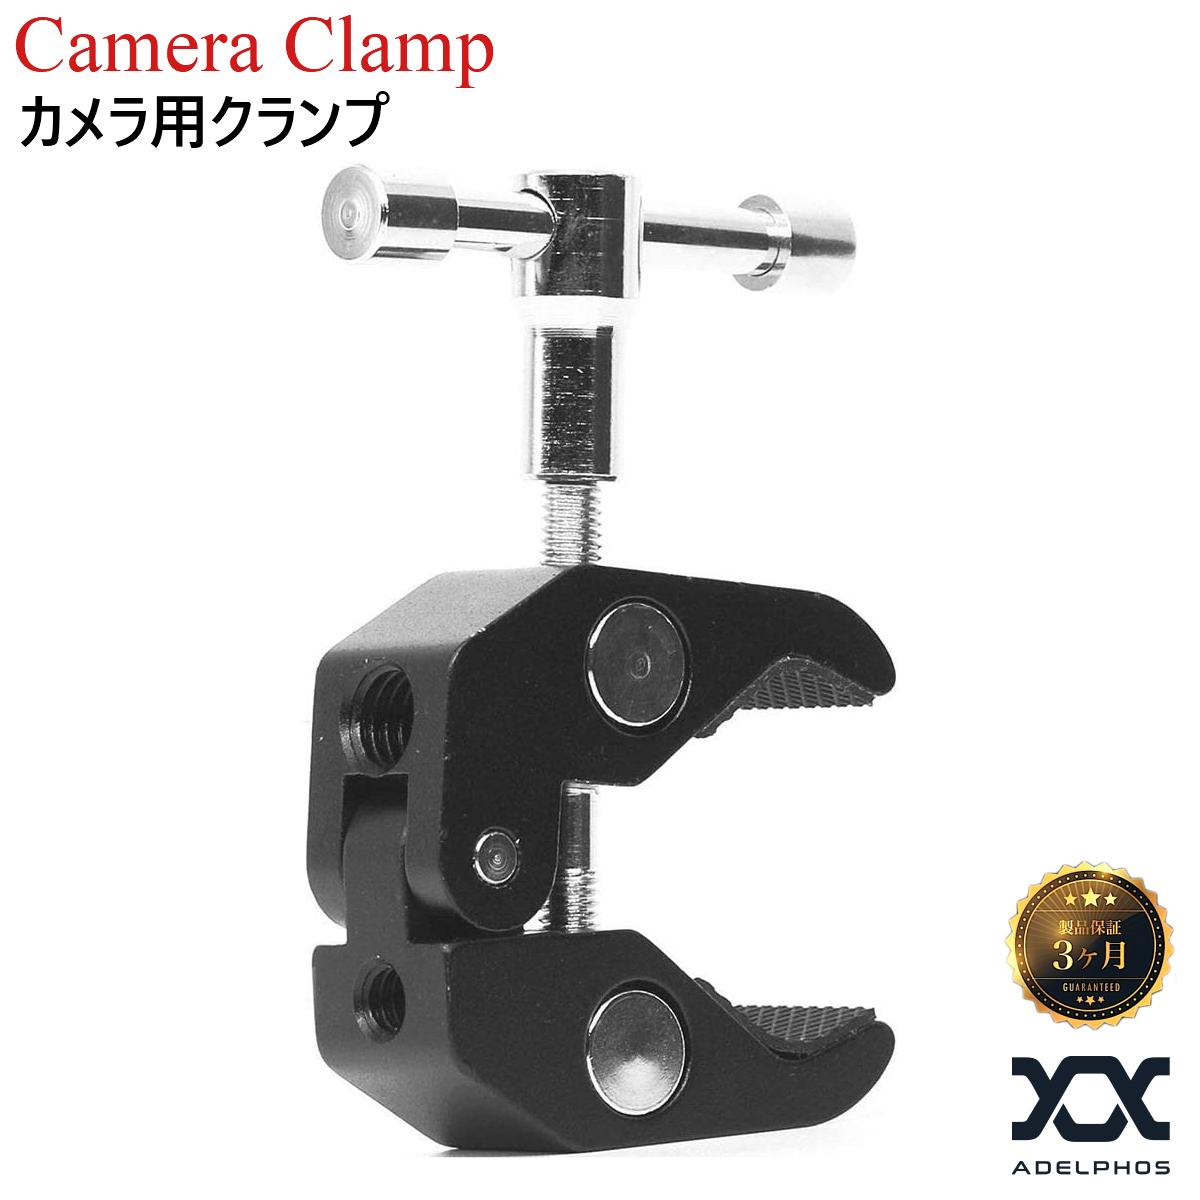 製品保証3ヶ月付 カメラ ライト スマートフォン等の装着が可能なクランプ スーパークランプ クランプ 汎用 1 カメラアクセサリ 期間限定特価品 今ダケ送料無料 3 15-40mmパイプ取付可能 インチネジ穴 8 アルミニウム合金 4